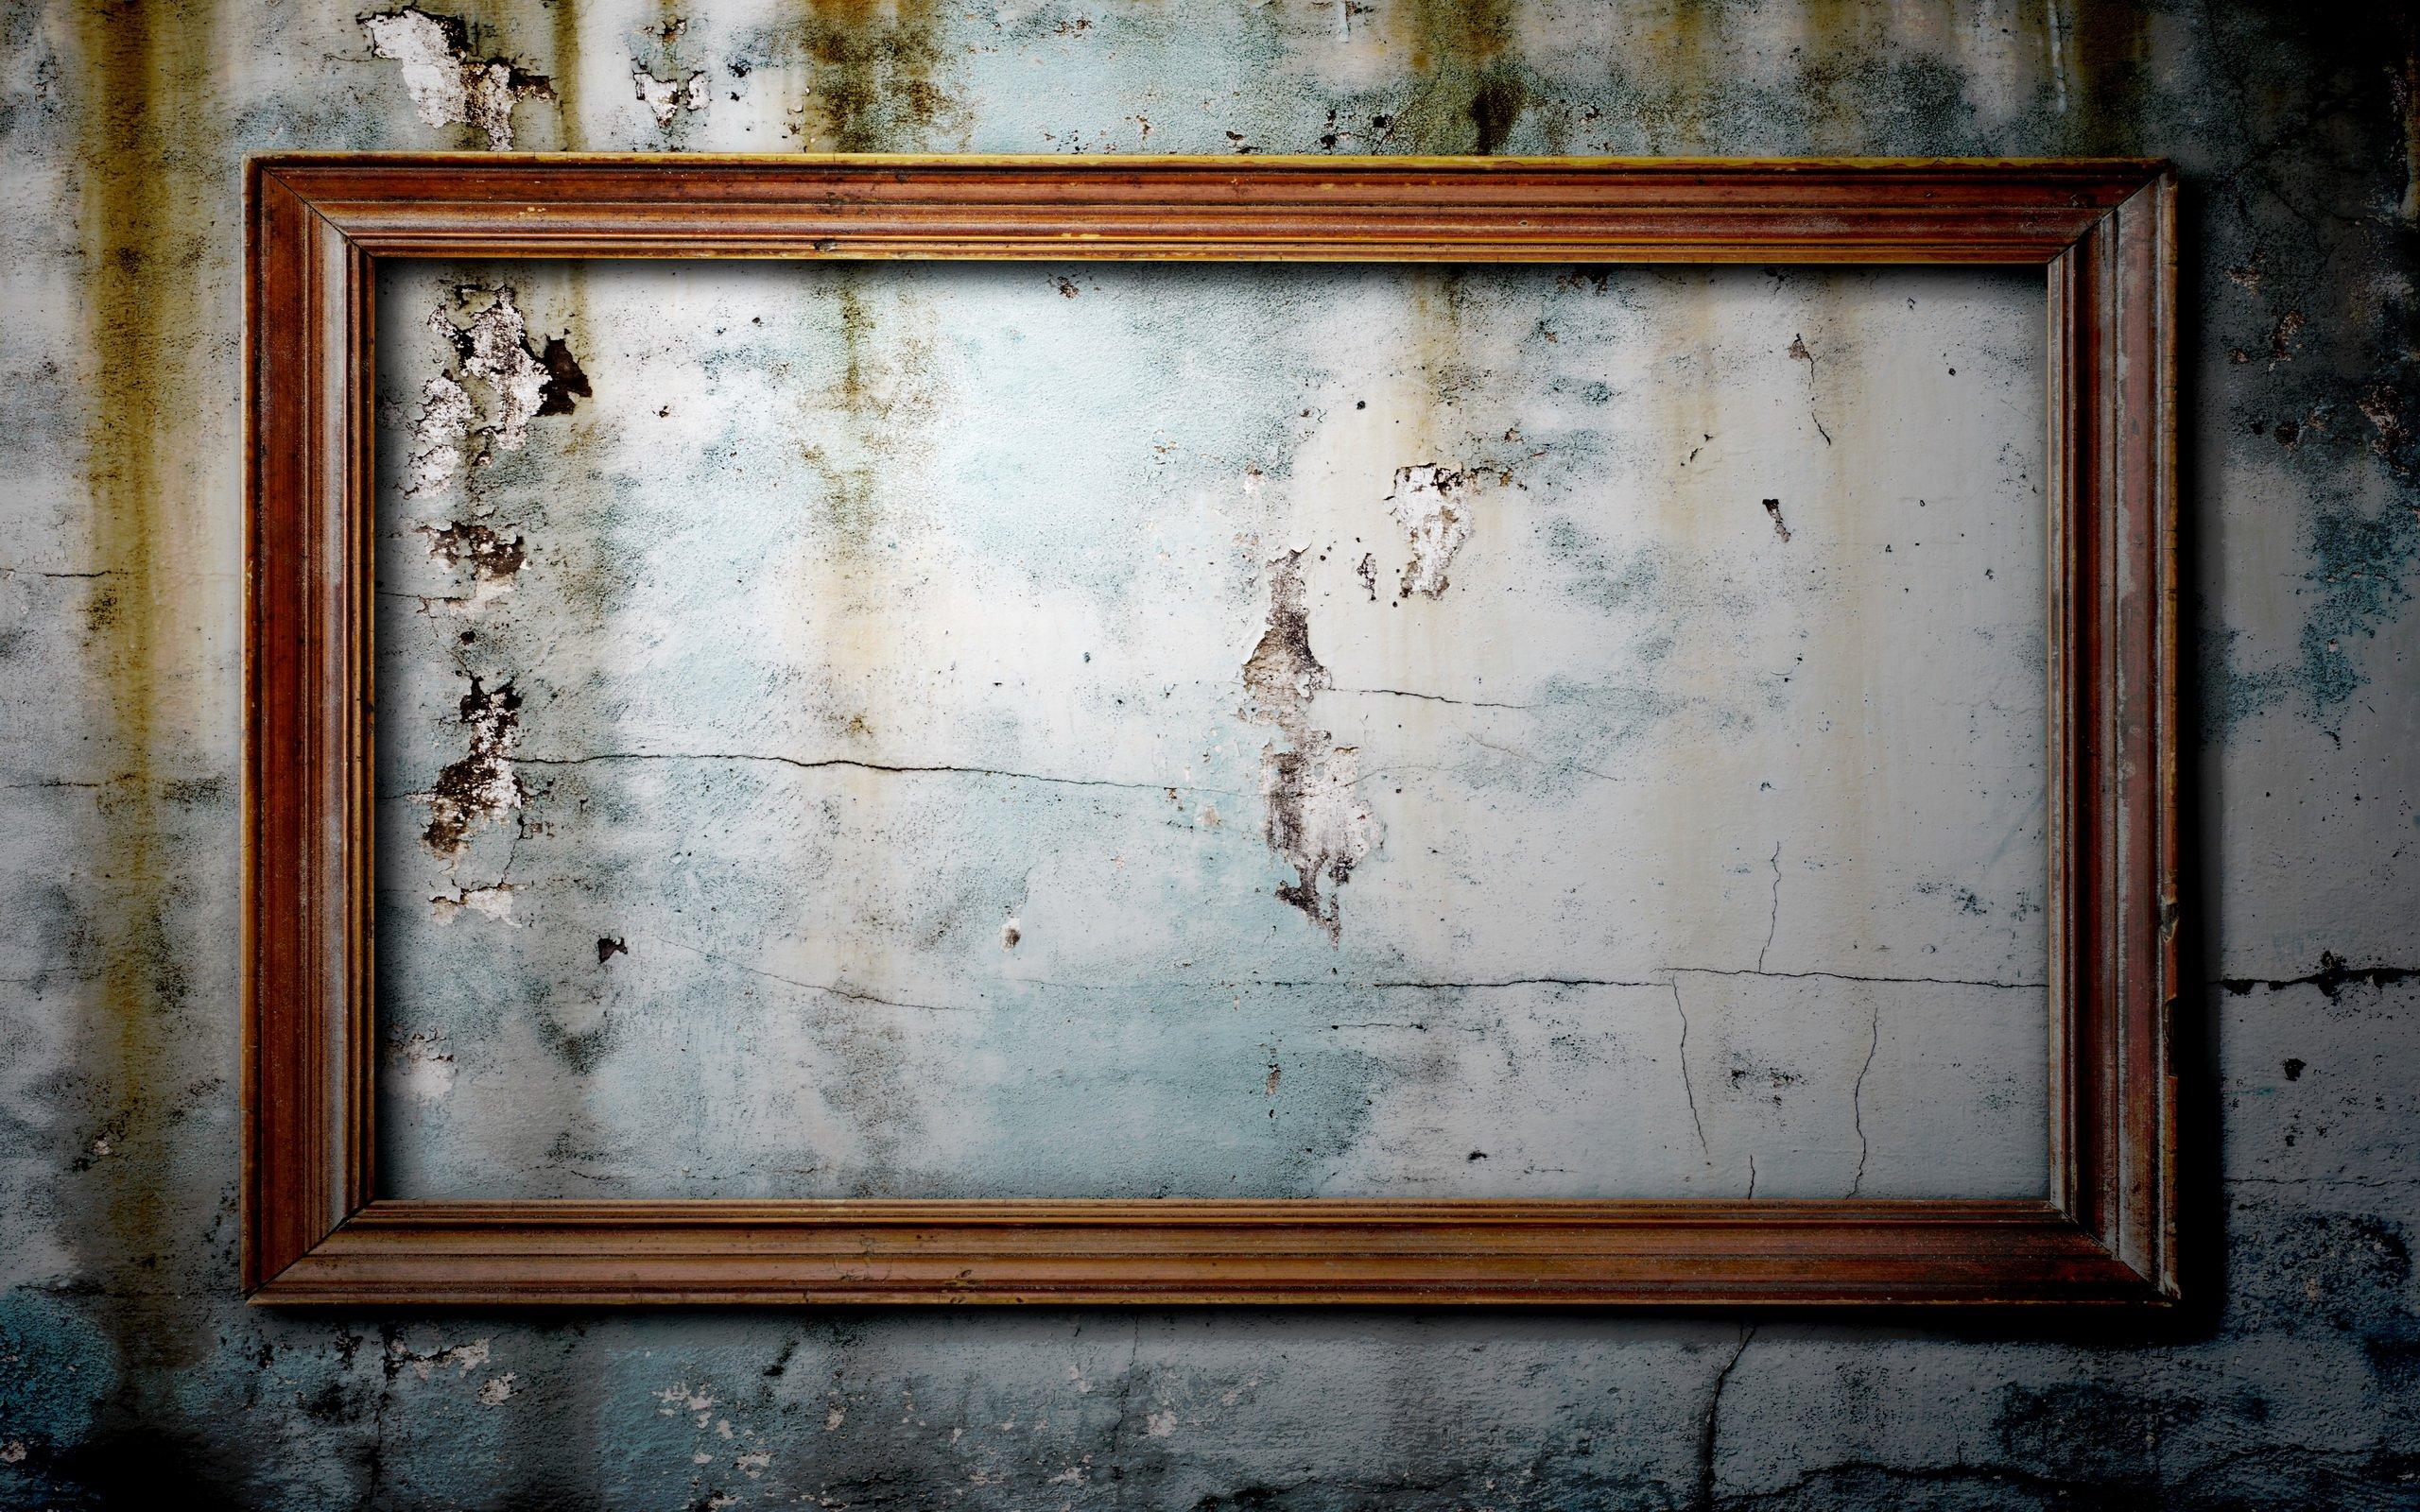 Picture Frame Wallpaper  Wallpapersafari. Simple Interior Design For Kitchen. Kitchen Accessories Design. Kitchen Design Tiles Walls. Designer Kitchen Towels. Kitchen Design Cupboards. Interior Design Of Small Kitchen. Ikea Kitchen Design Program. 3d Kitchen Designer Free